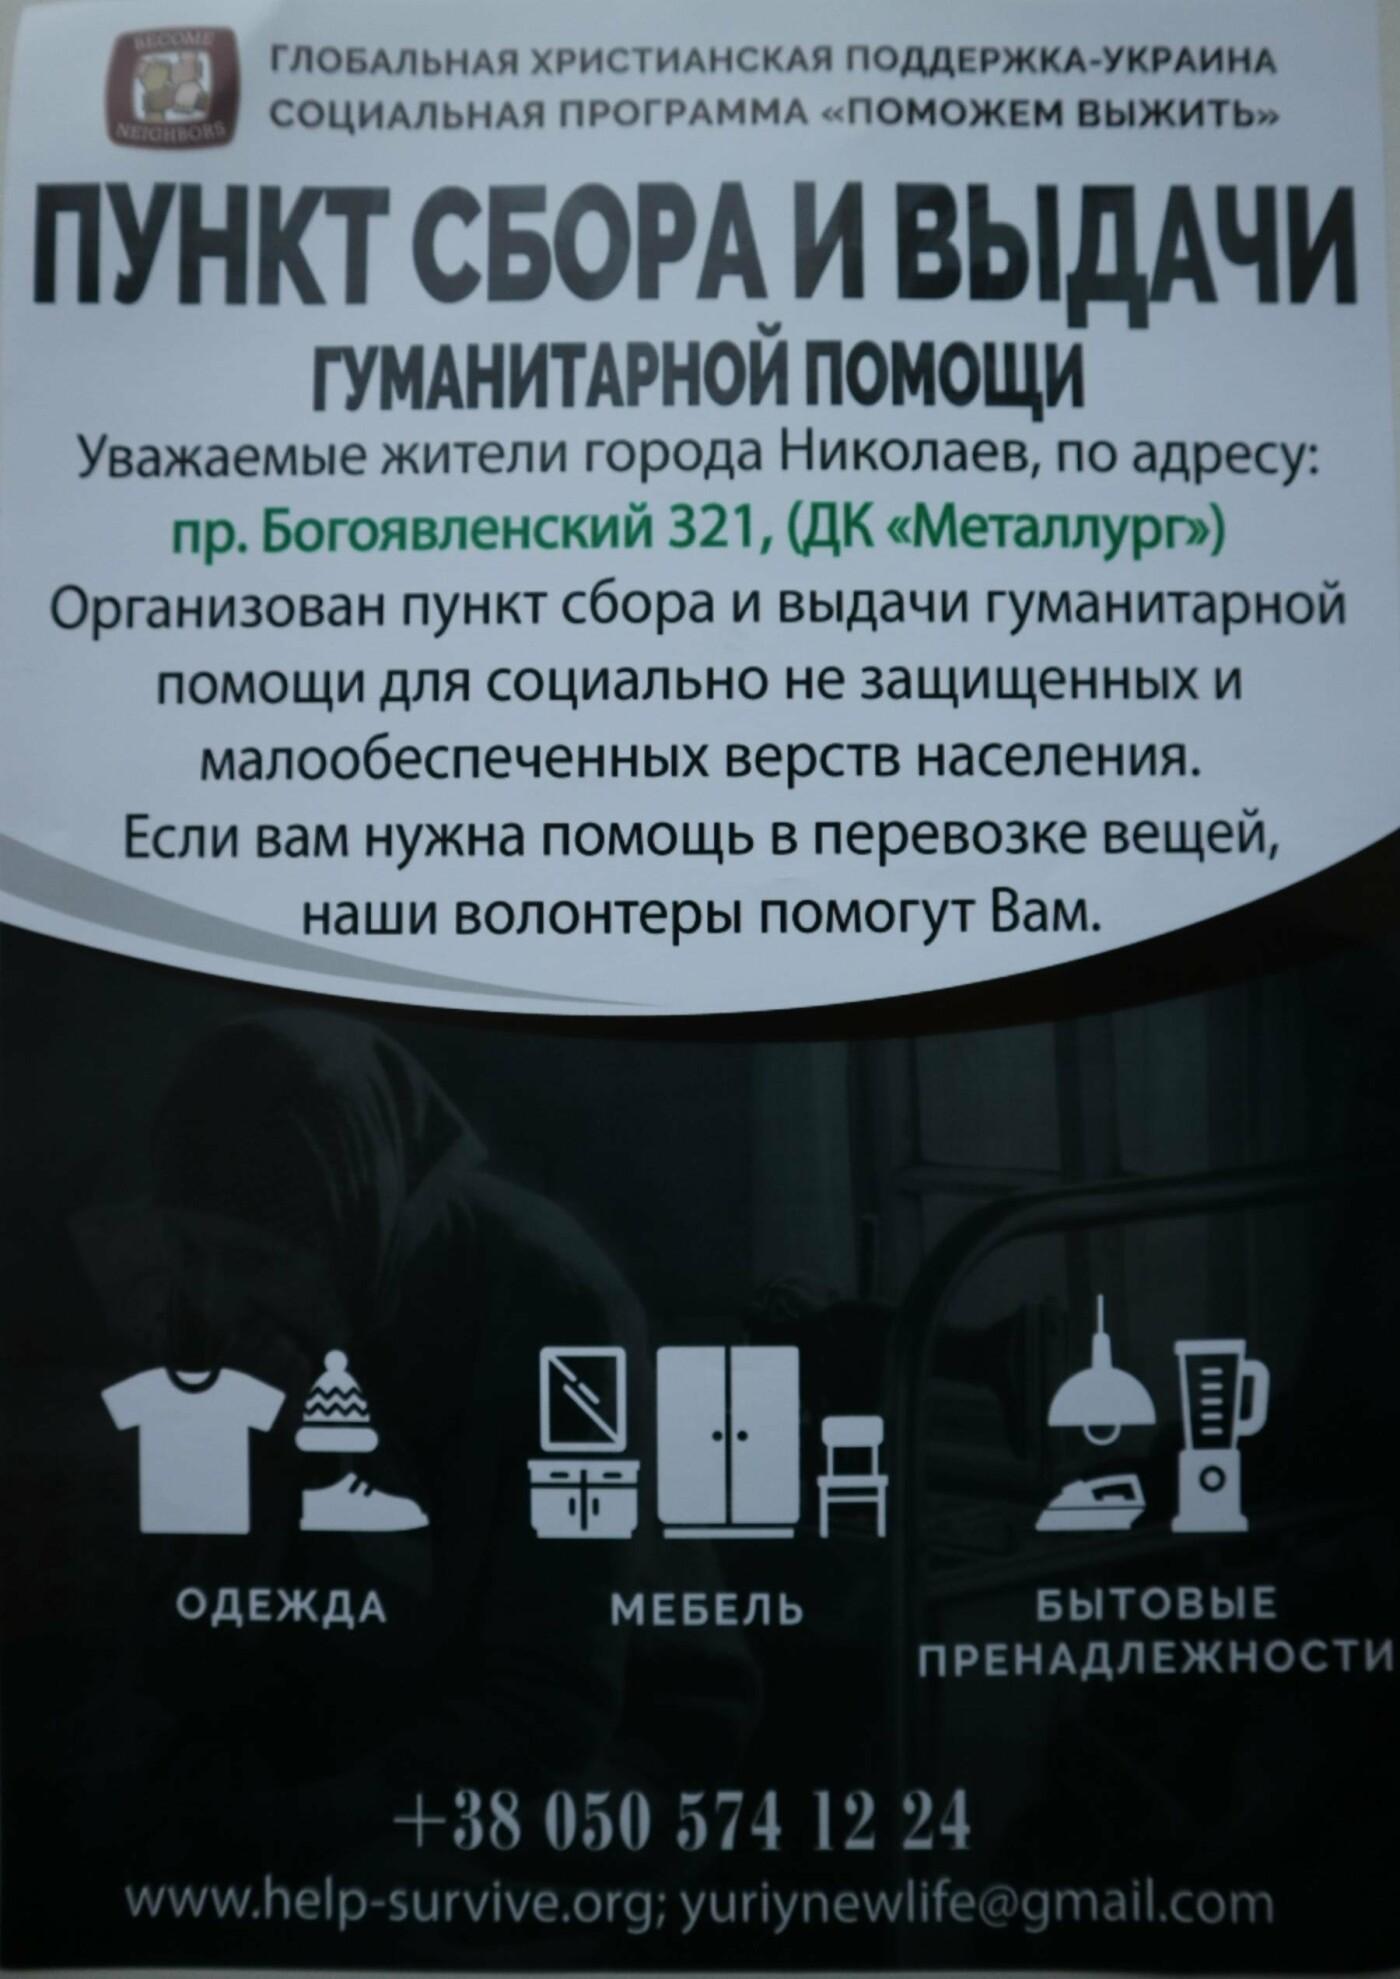 В Николаеве пройдет благотворительная акция для малообеспеченных, - ФОТО, фото-1